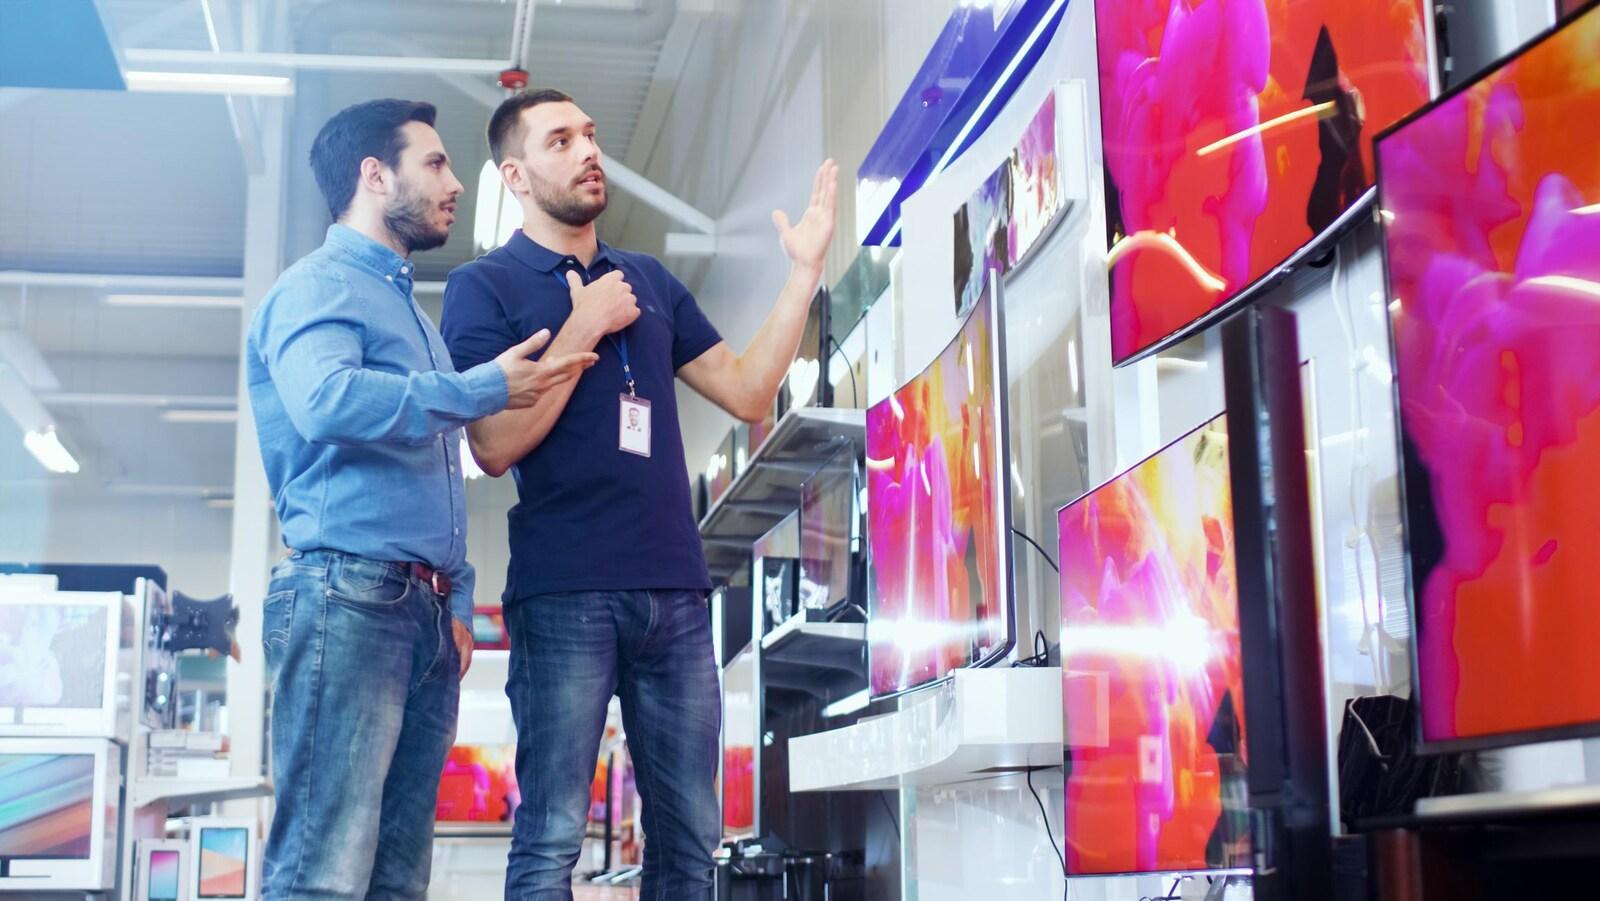 Un vendeur présente des télévisions à un client dans un magasin de produits électroniques.